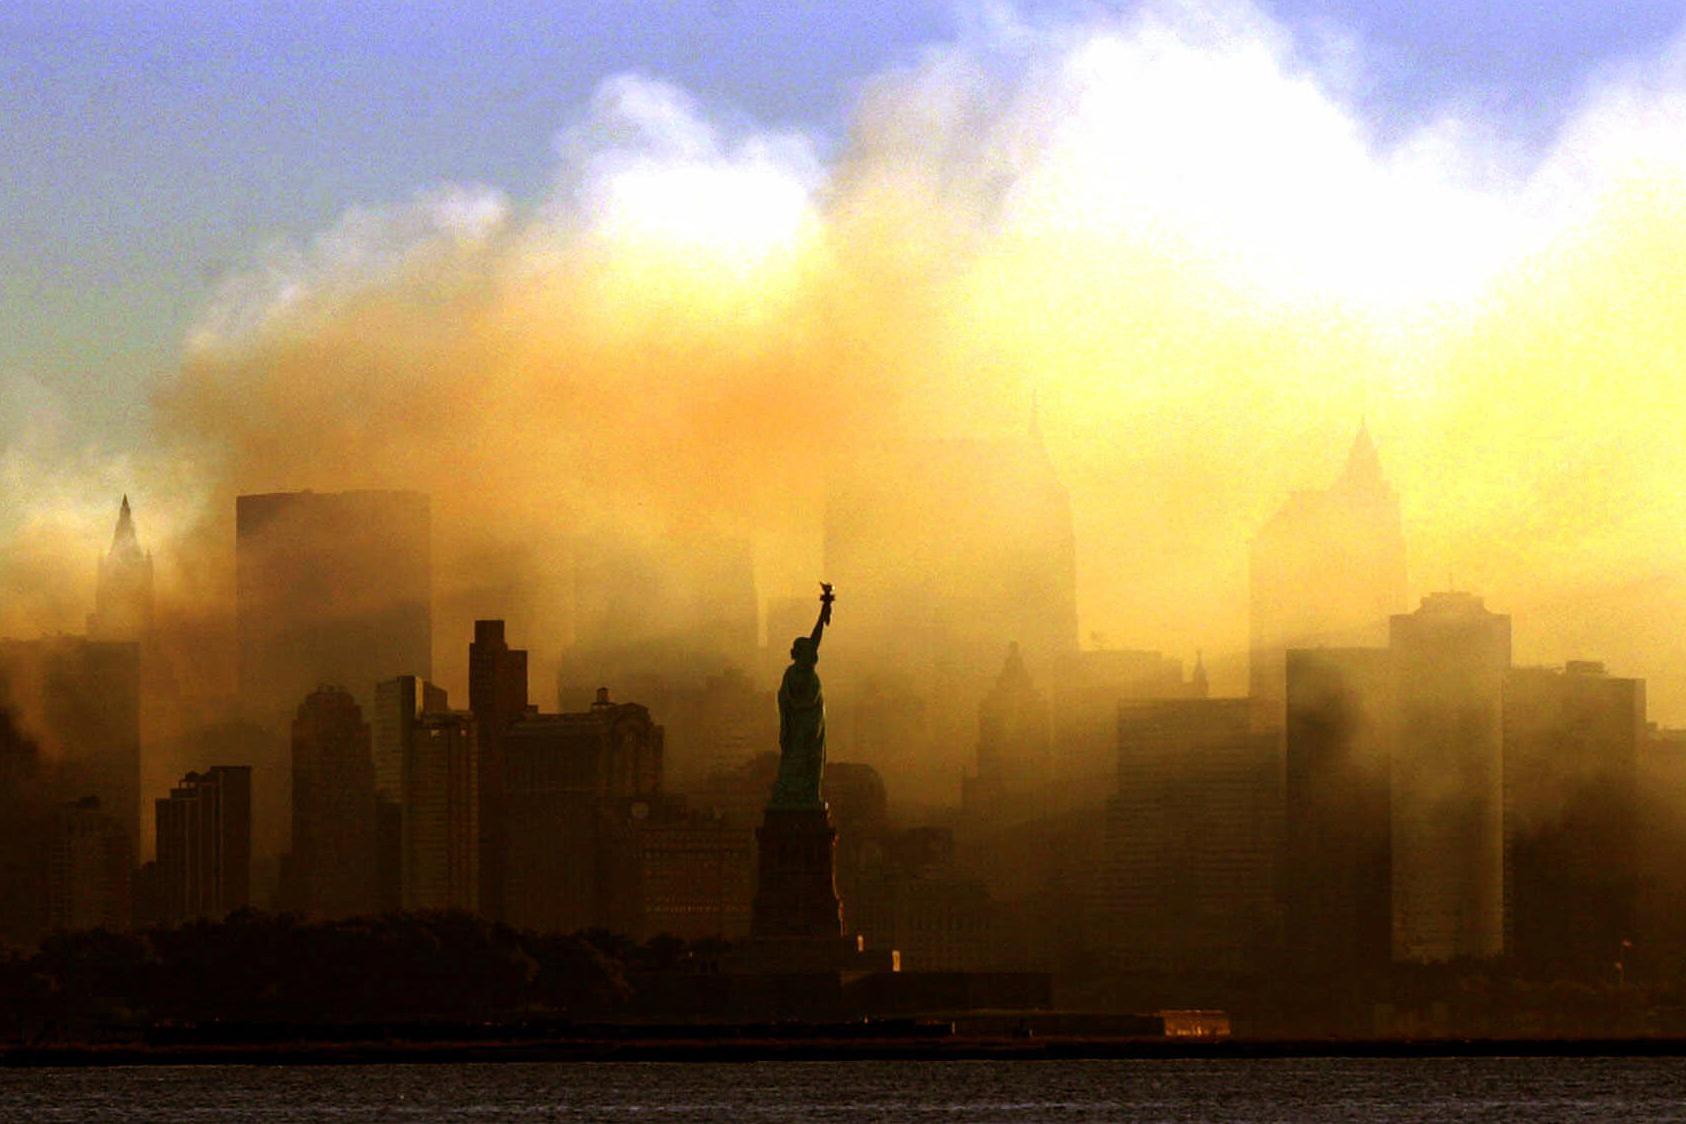 """نيويورك تحت سحابة غبار هجمات الإرهاب في 11/9. هل تغامر """"طالبان"""" باحتضان """"القاعدة"""" مجدداً؟"""